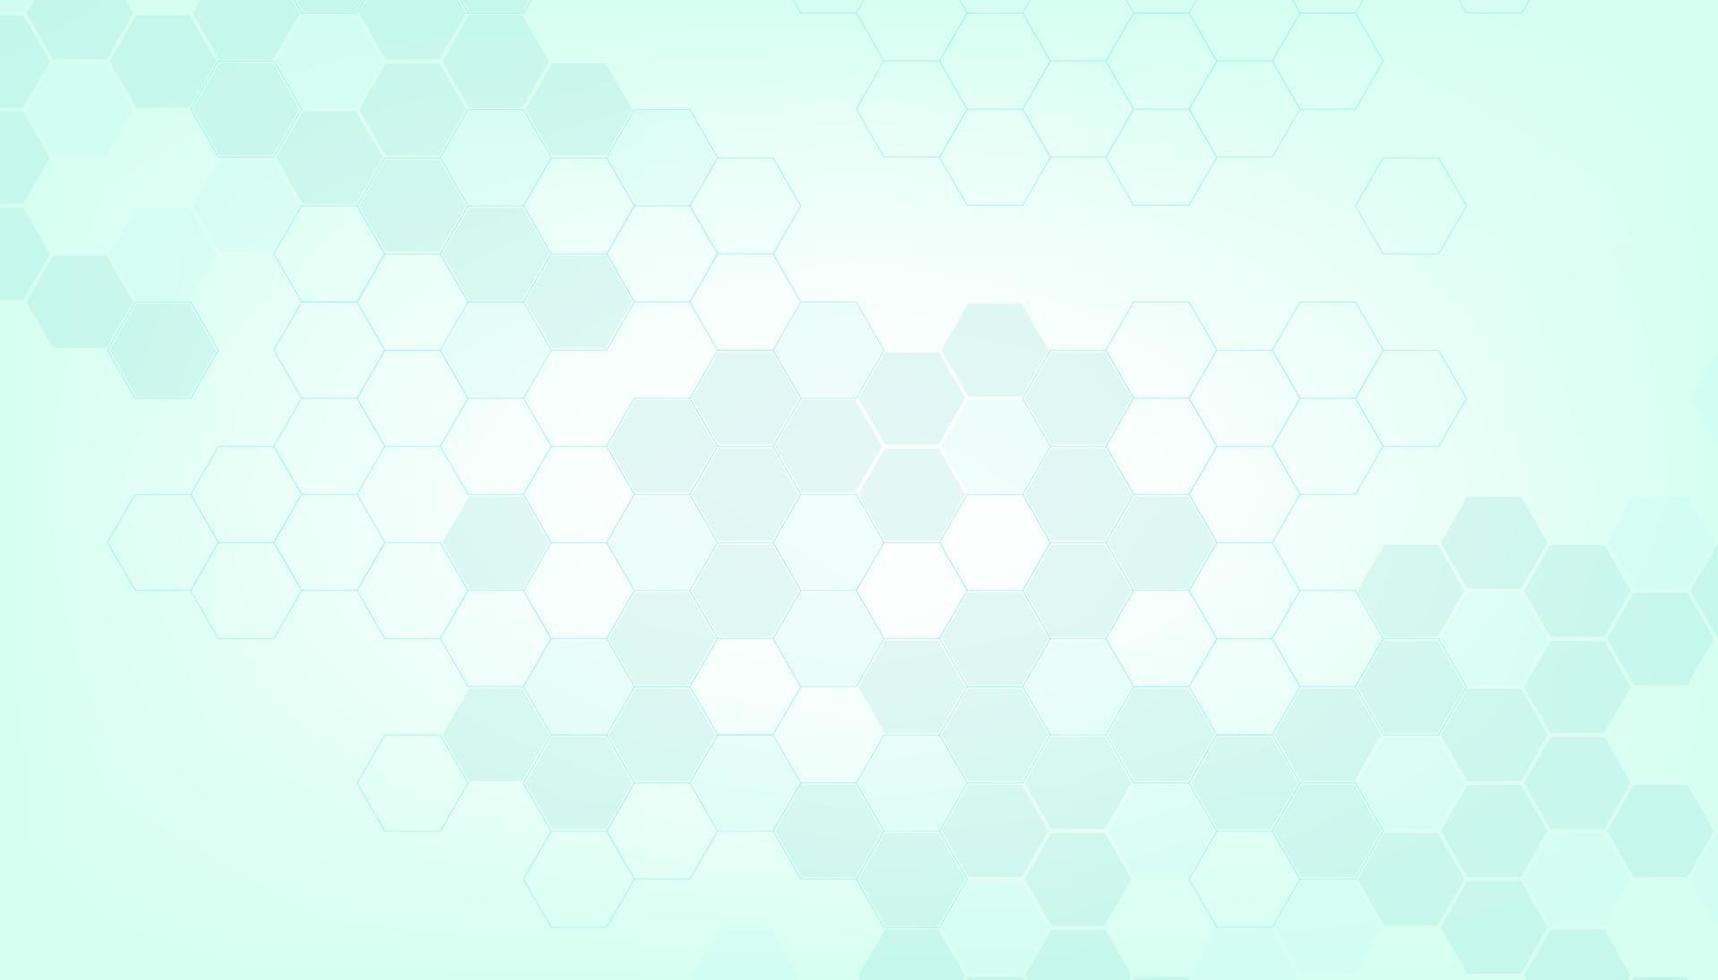 cor verde abstrata de formação médica e saudável. tecnologia e ciência com fundo de forma hexagonal. vetor